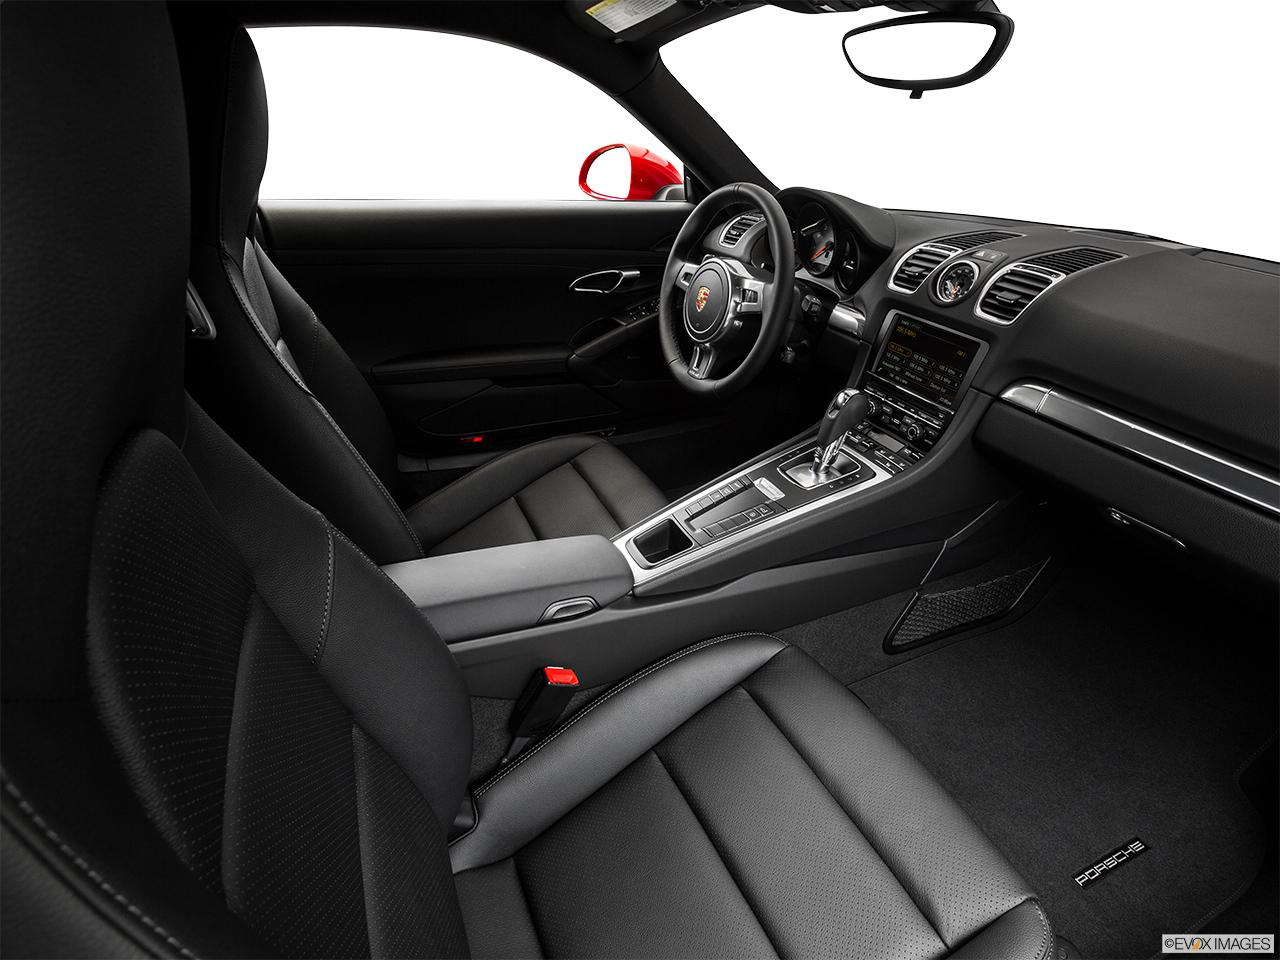 2015 porsche cayman gts coupe fake buck shot interior from passenger b pillar